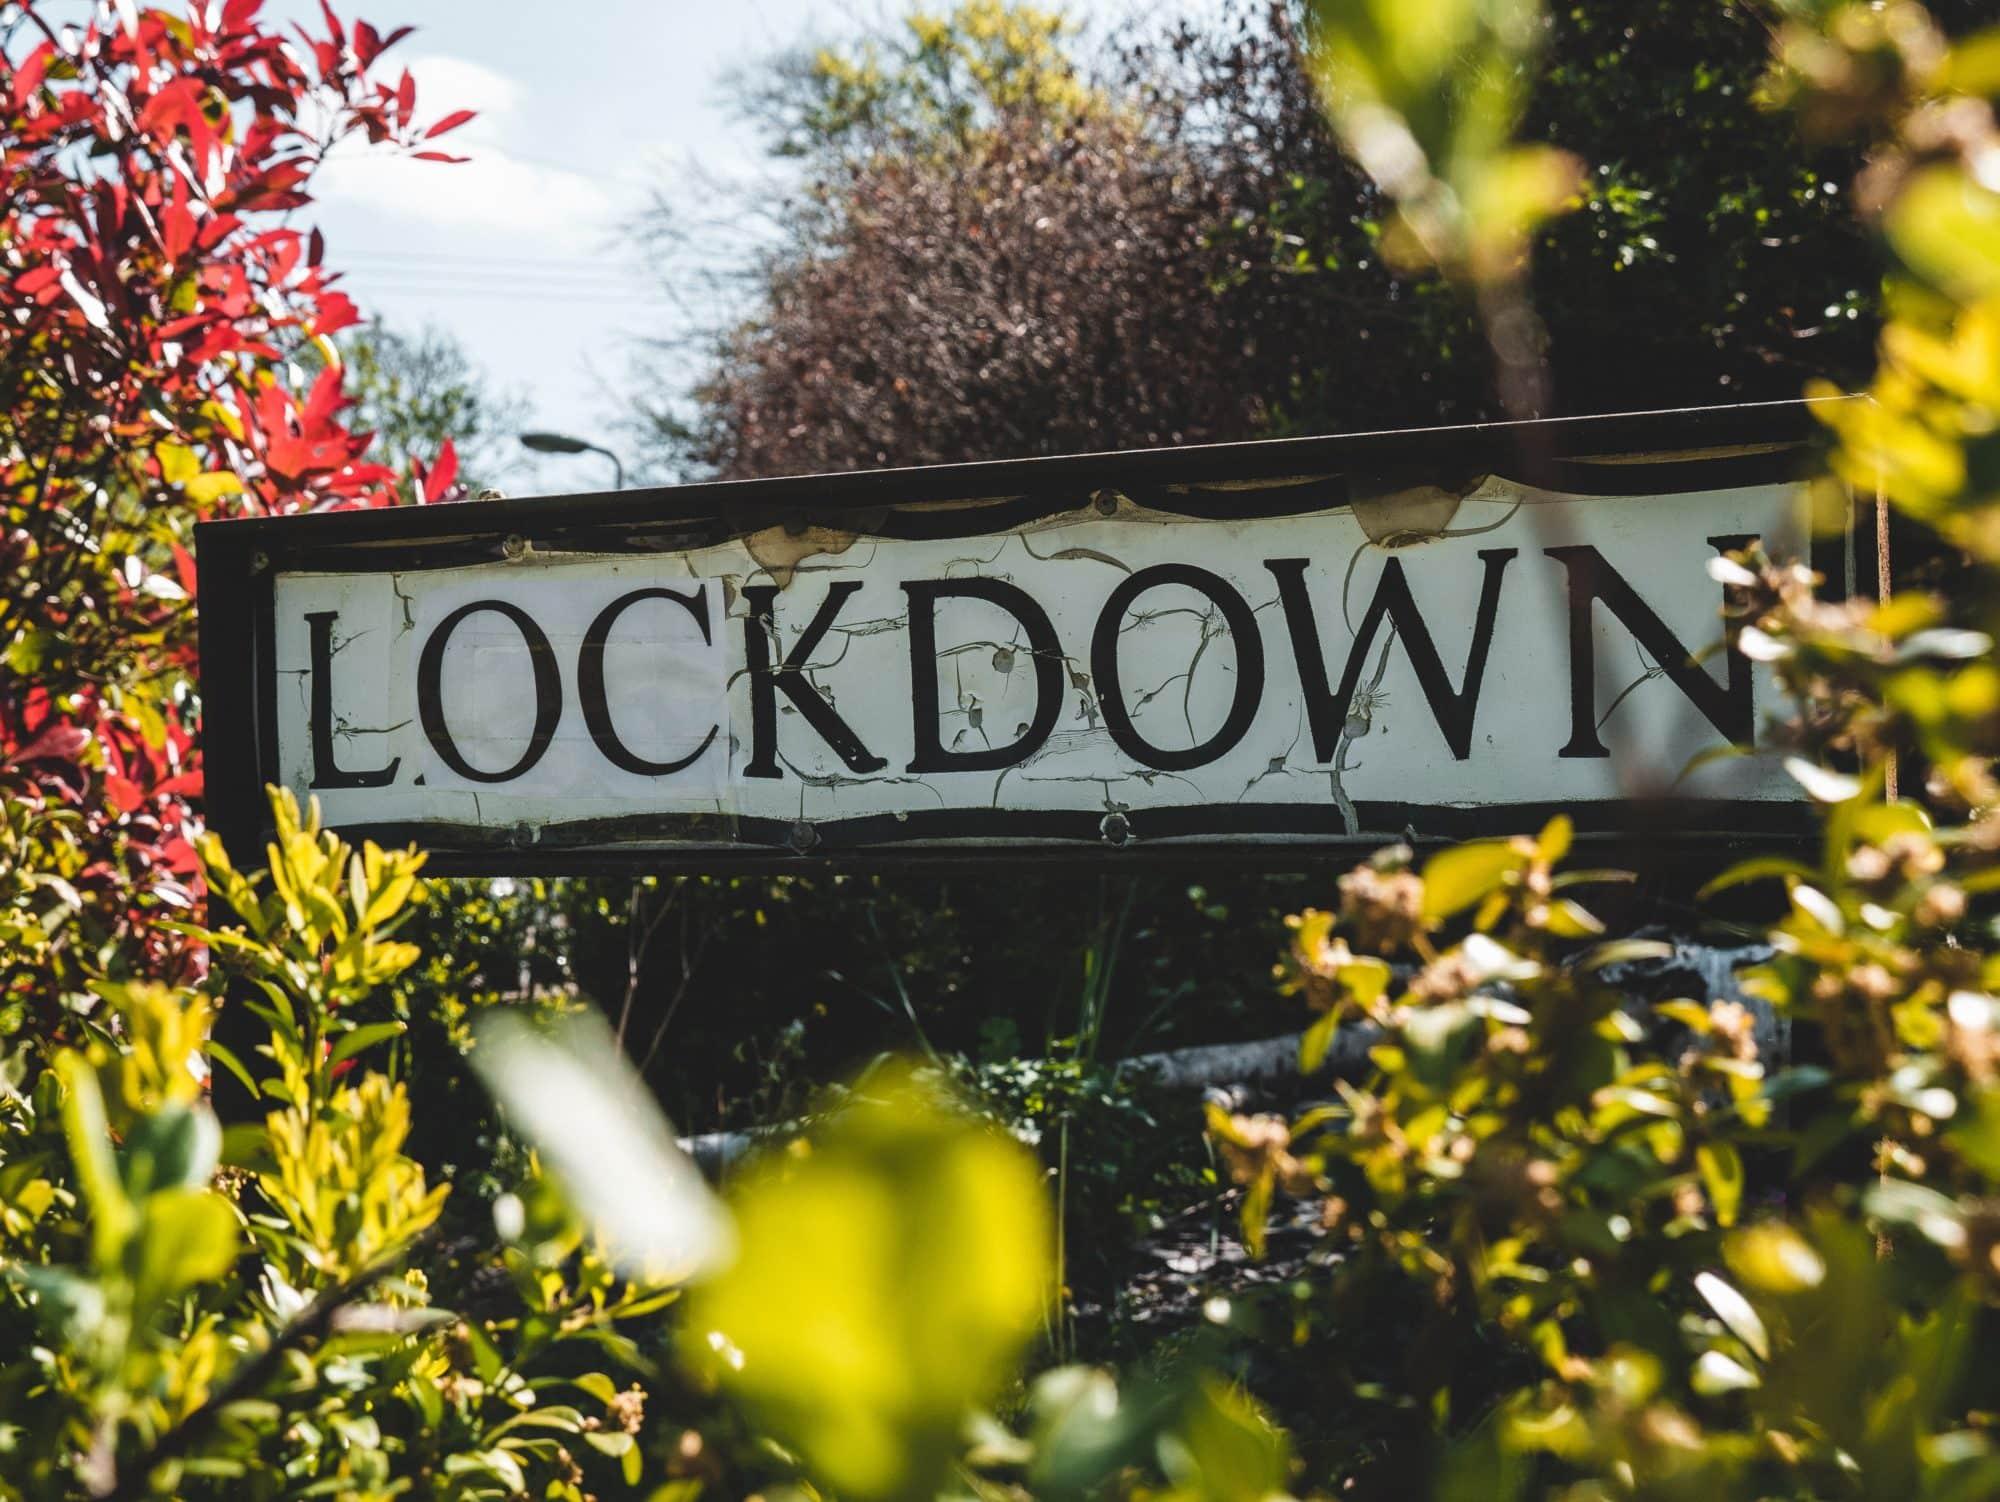 lockdown economy impact